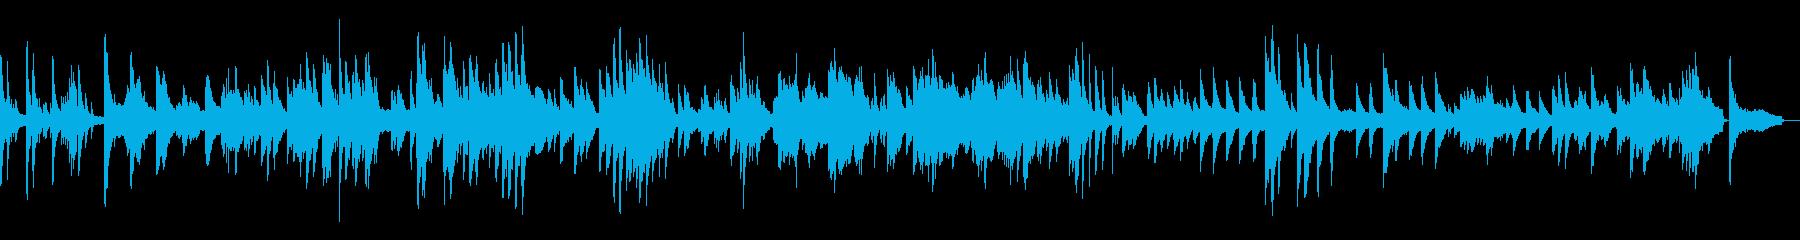 水のピアノ 涼しげ生演奏 リラックスの再生済みの波形